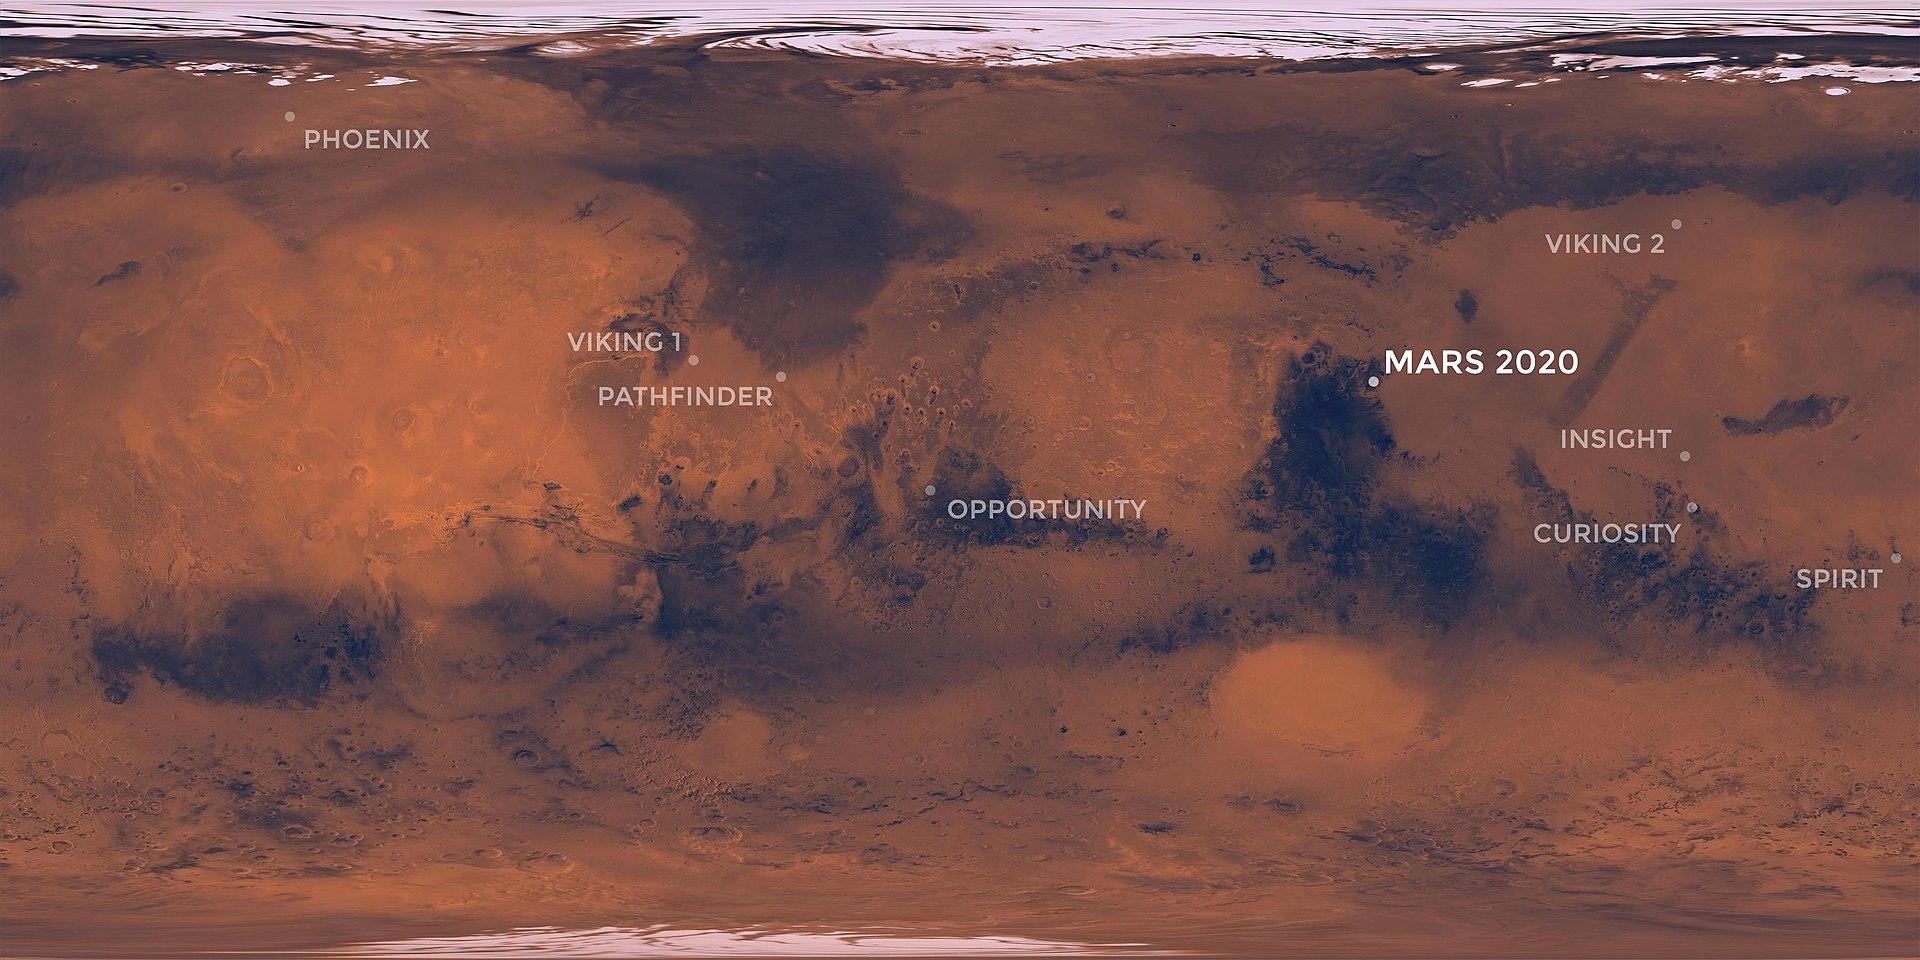 Mars2020-LandingSite-20191217.jpg